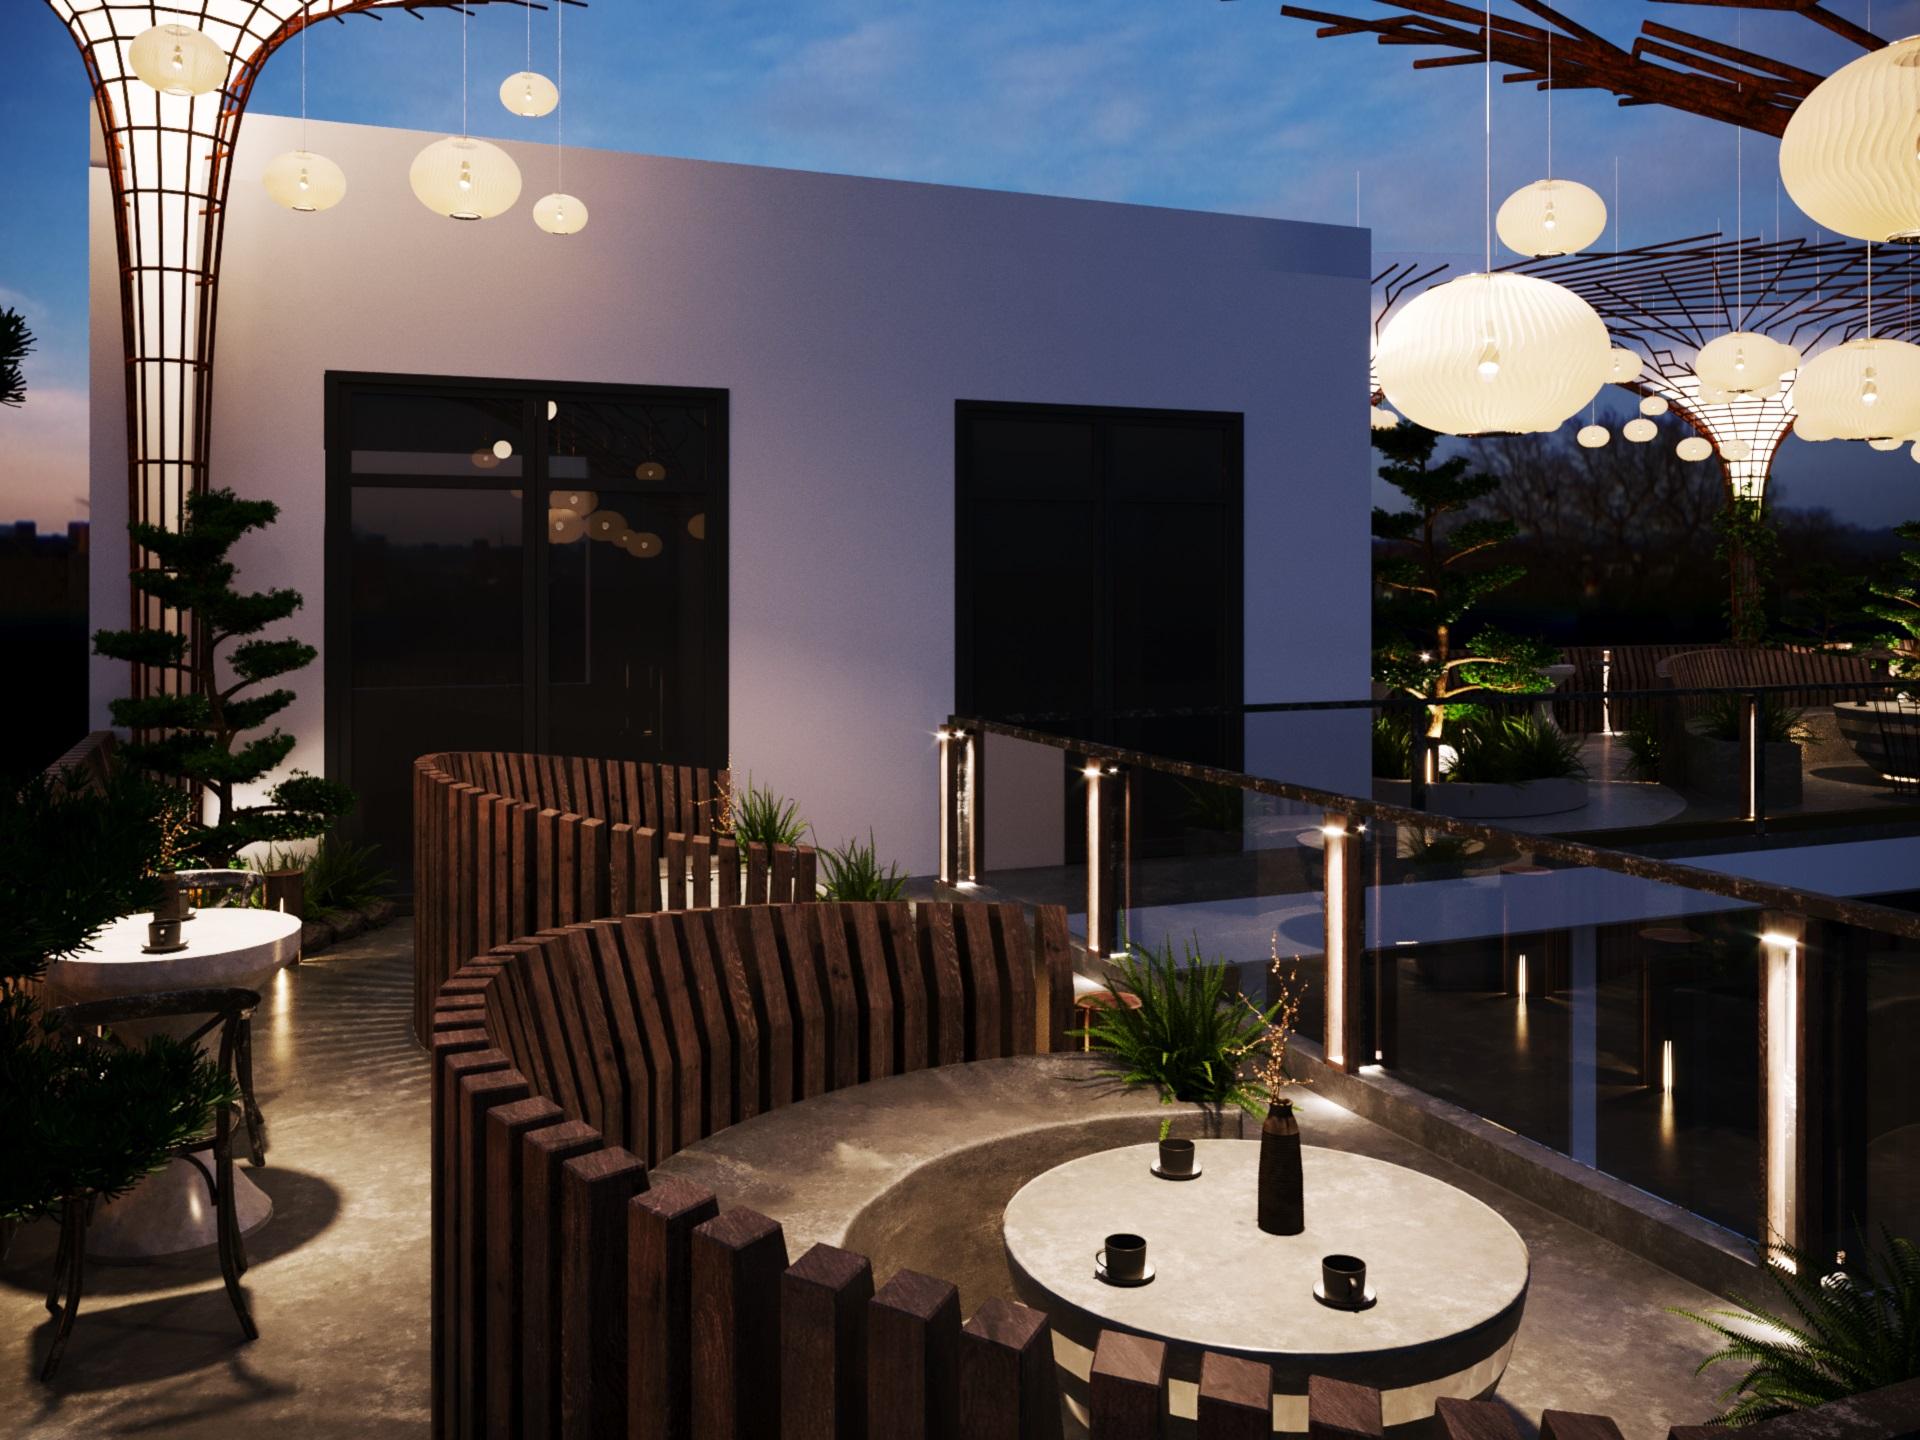 thiết kế nội thất Cafe tại Hà Nội caffee koi 19 1569649991